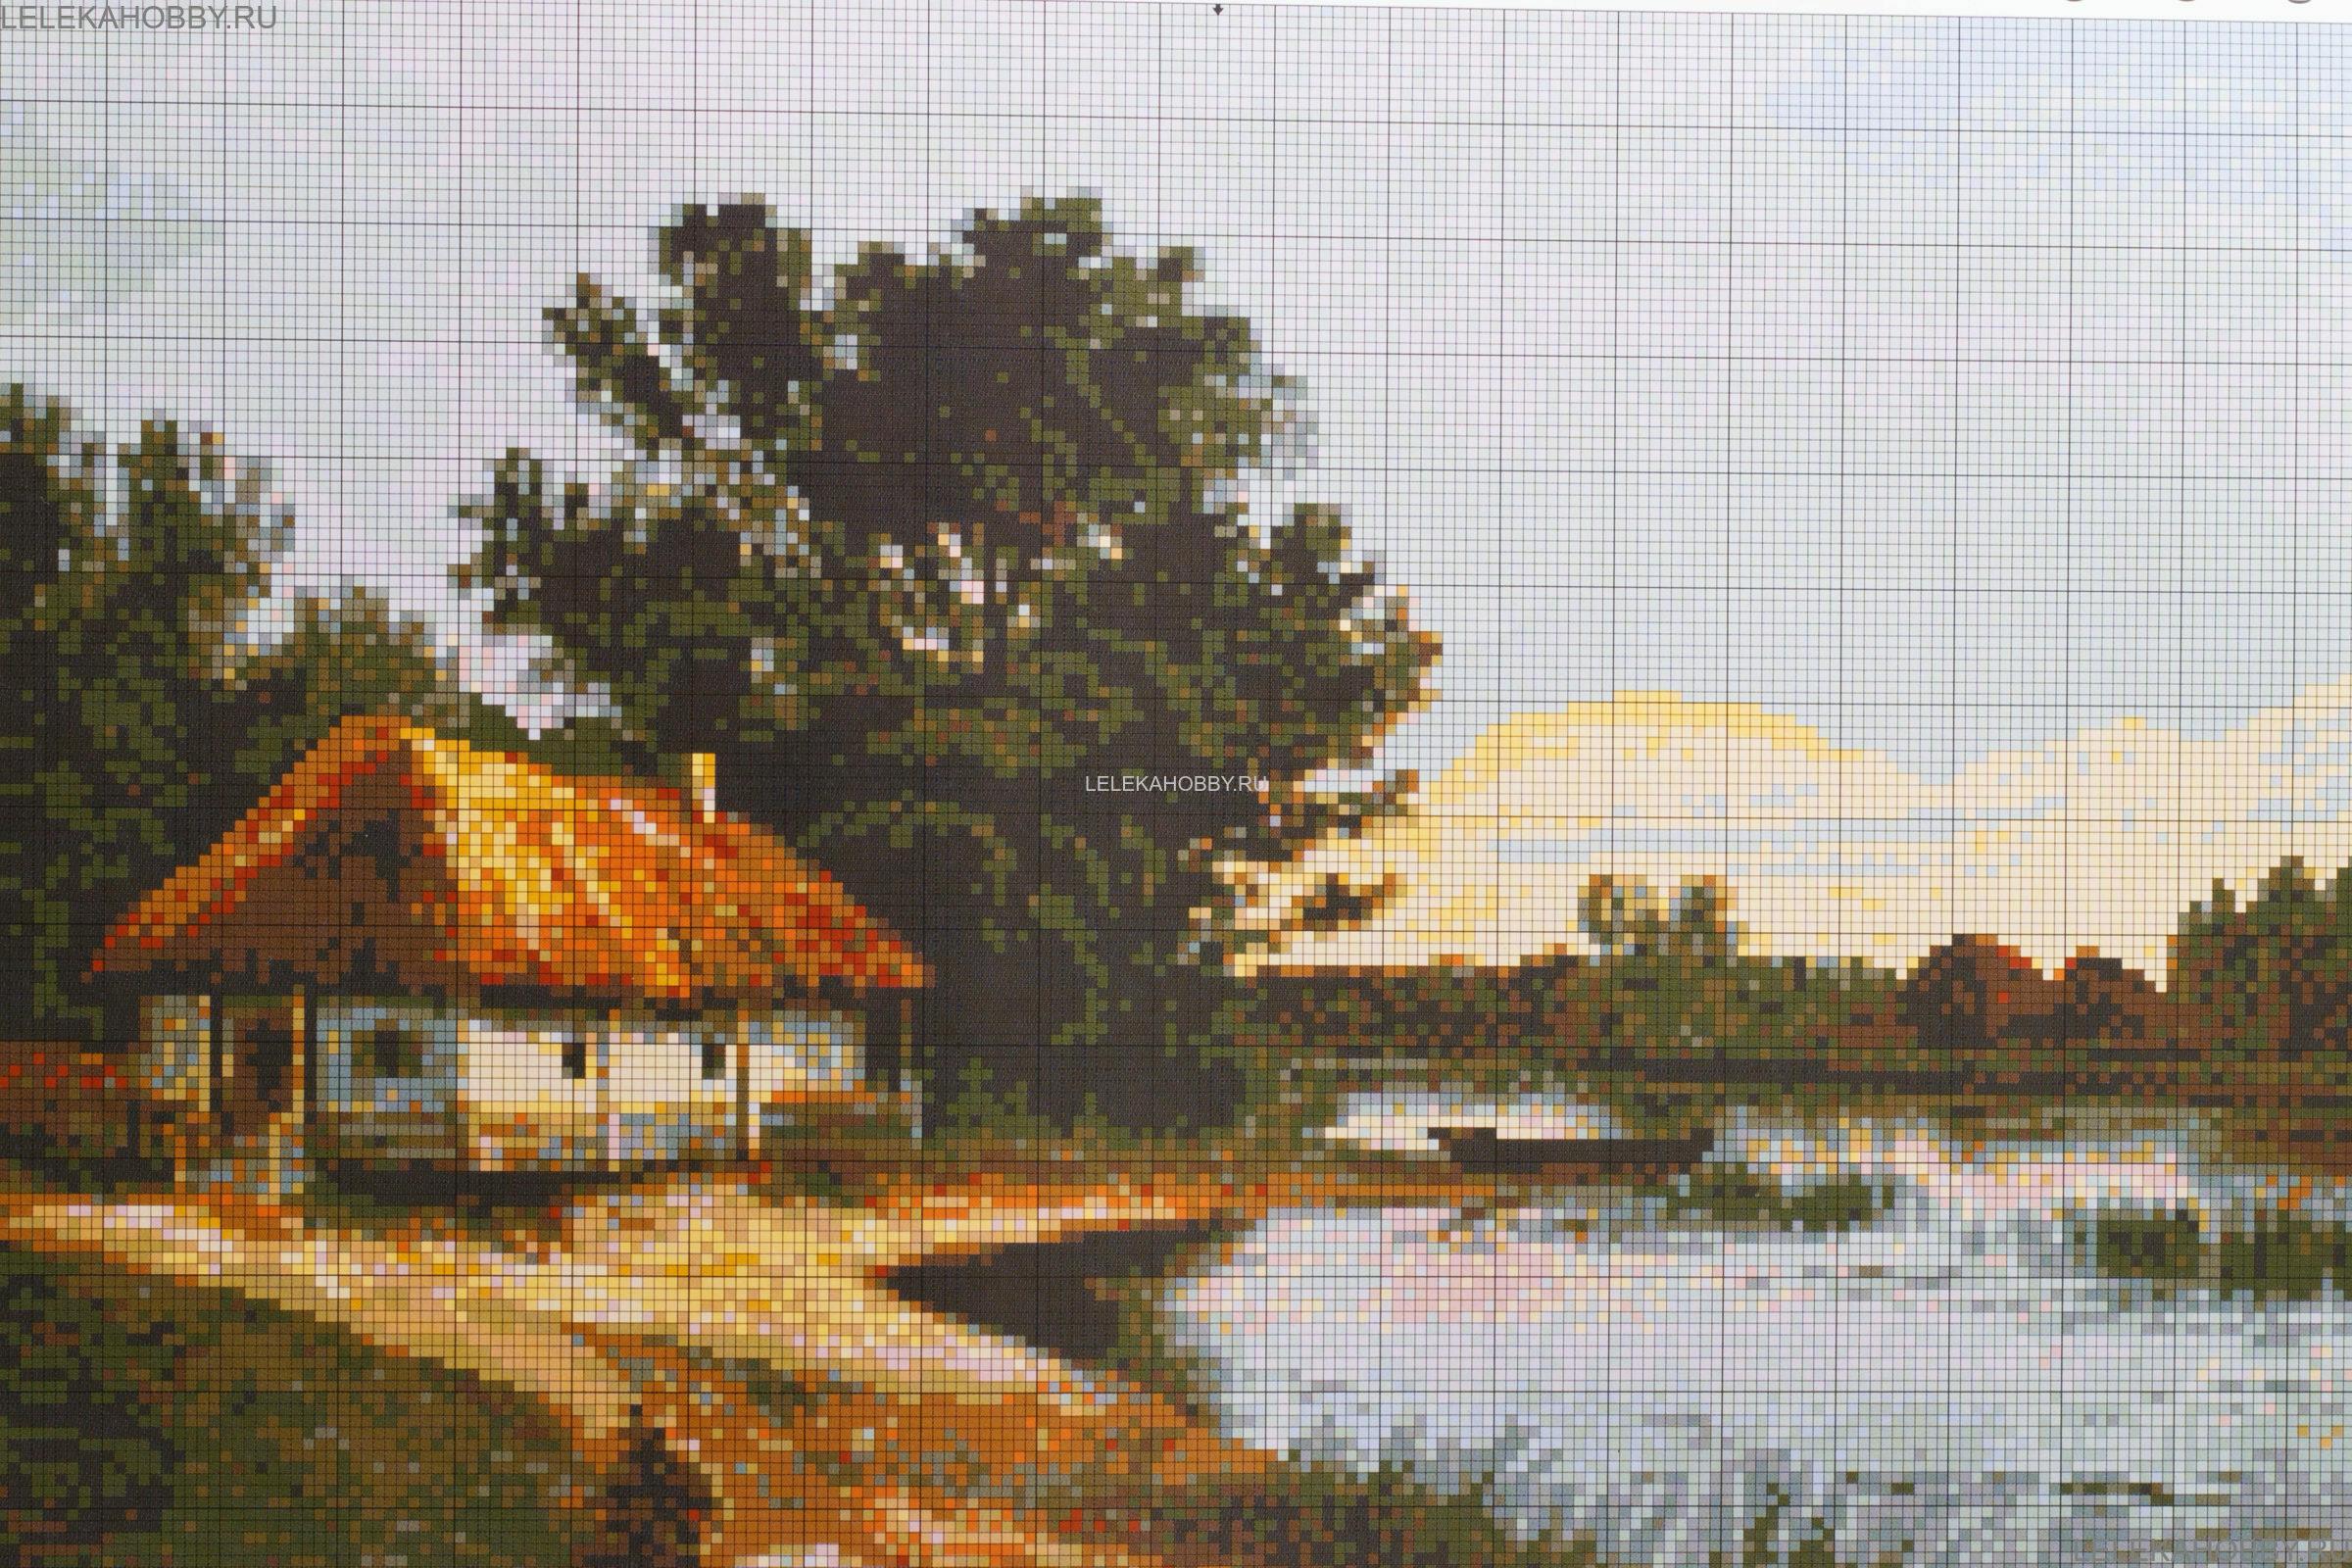 Вышивка крестом деревенька моя схемы